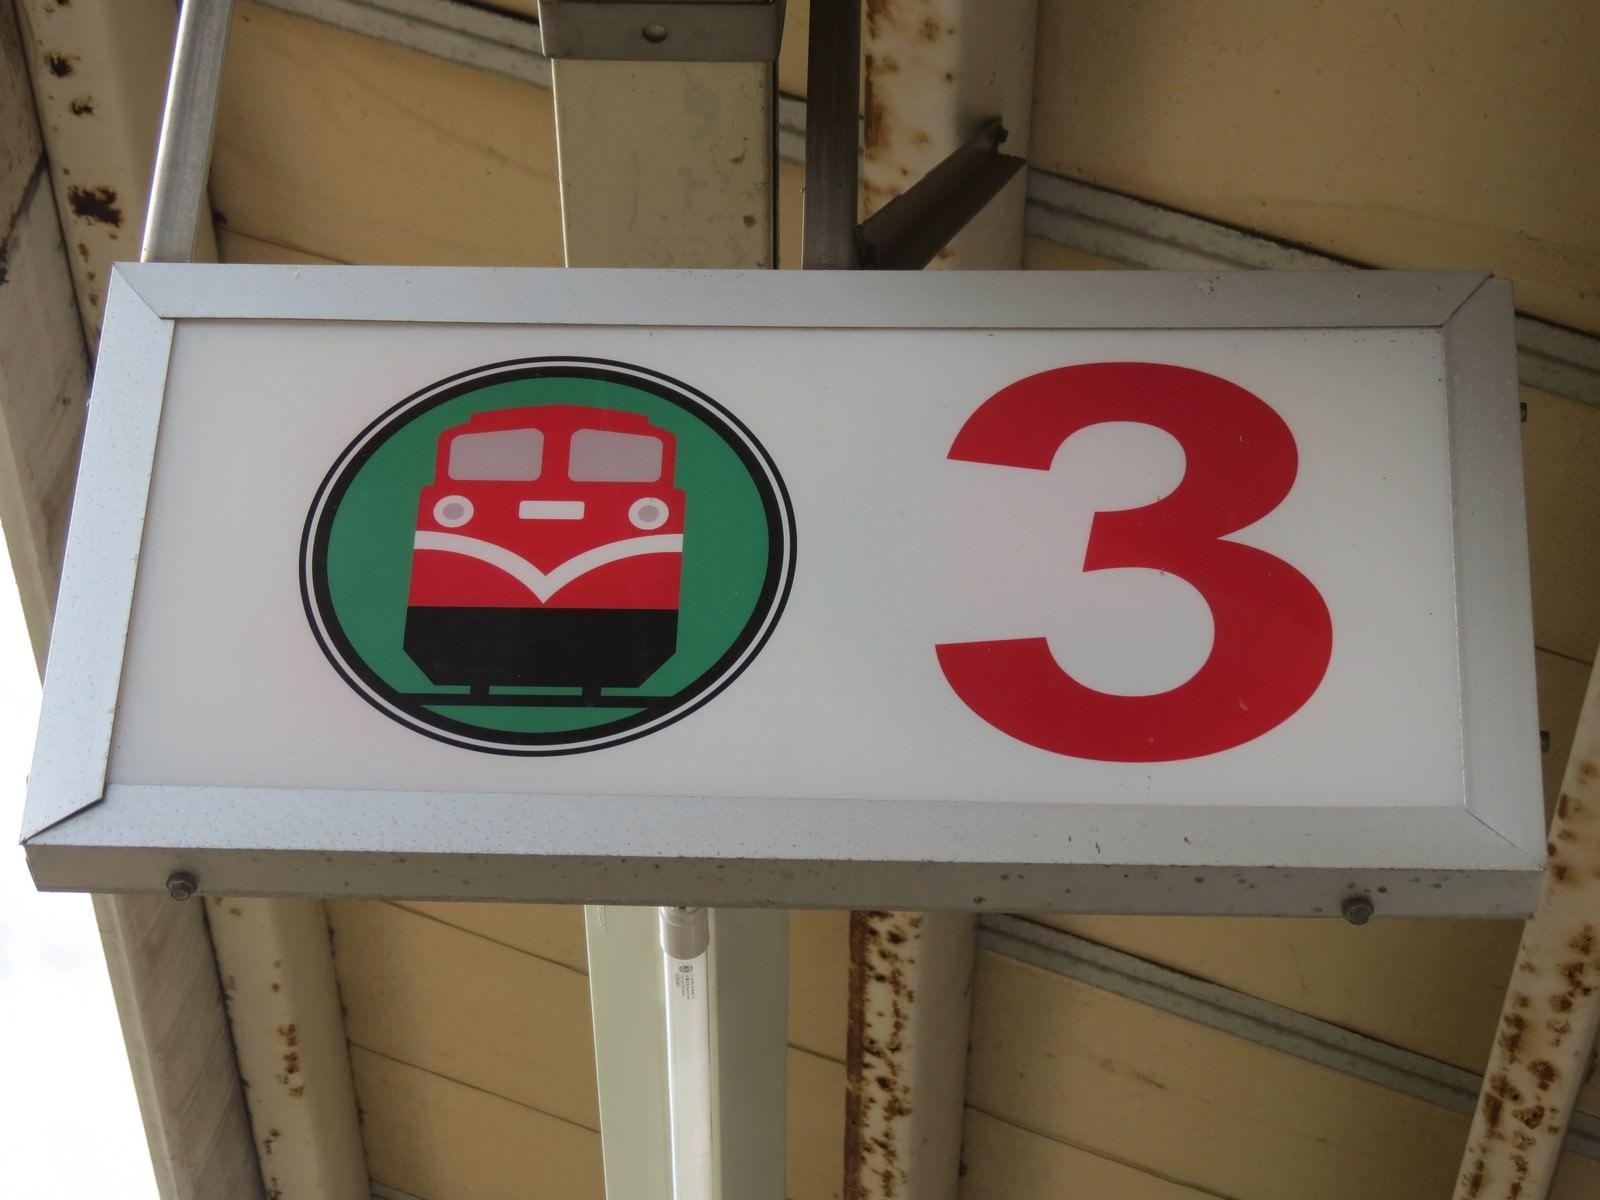 阿里山林業鐵路(森林小火車), 月台候車號碼